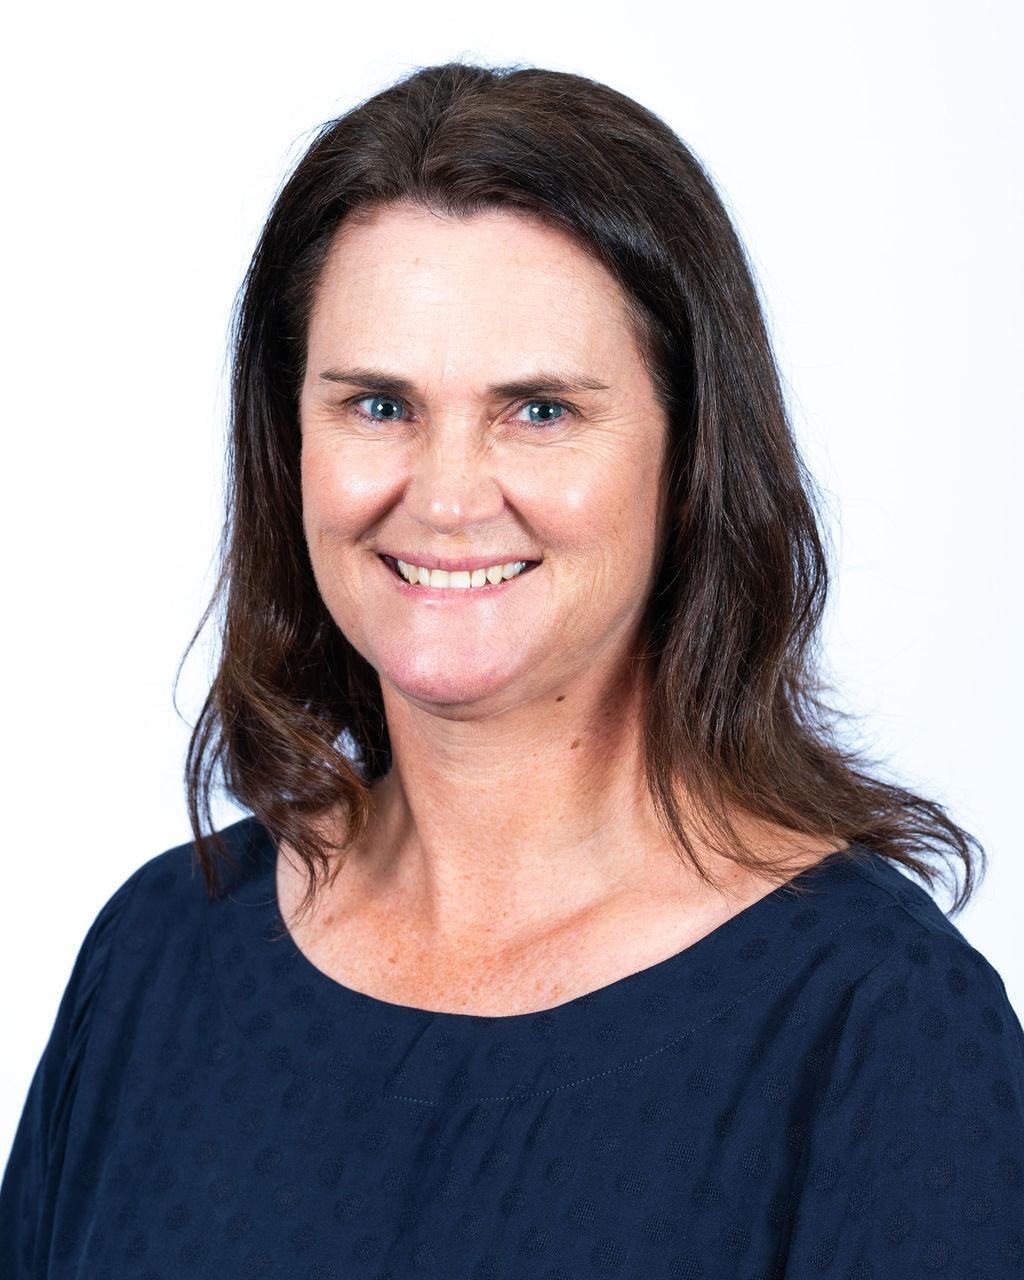 Jennie Hopfmueller